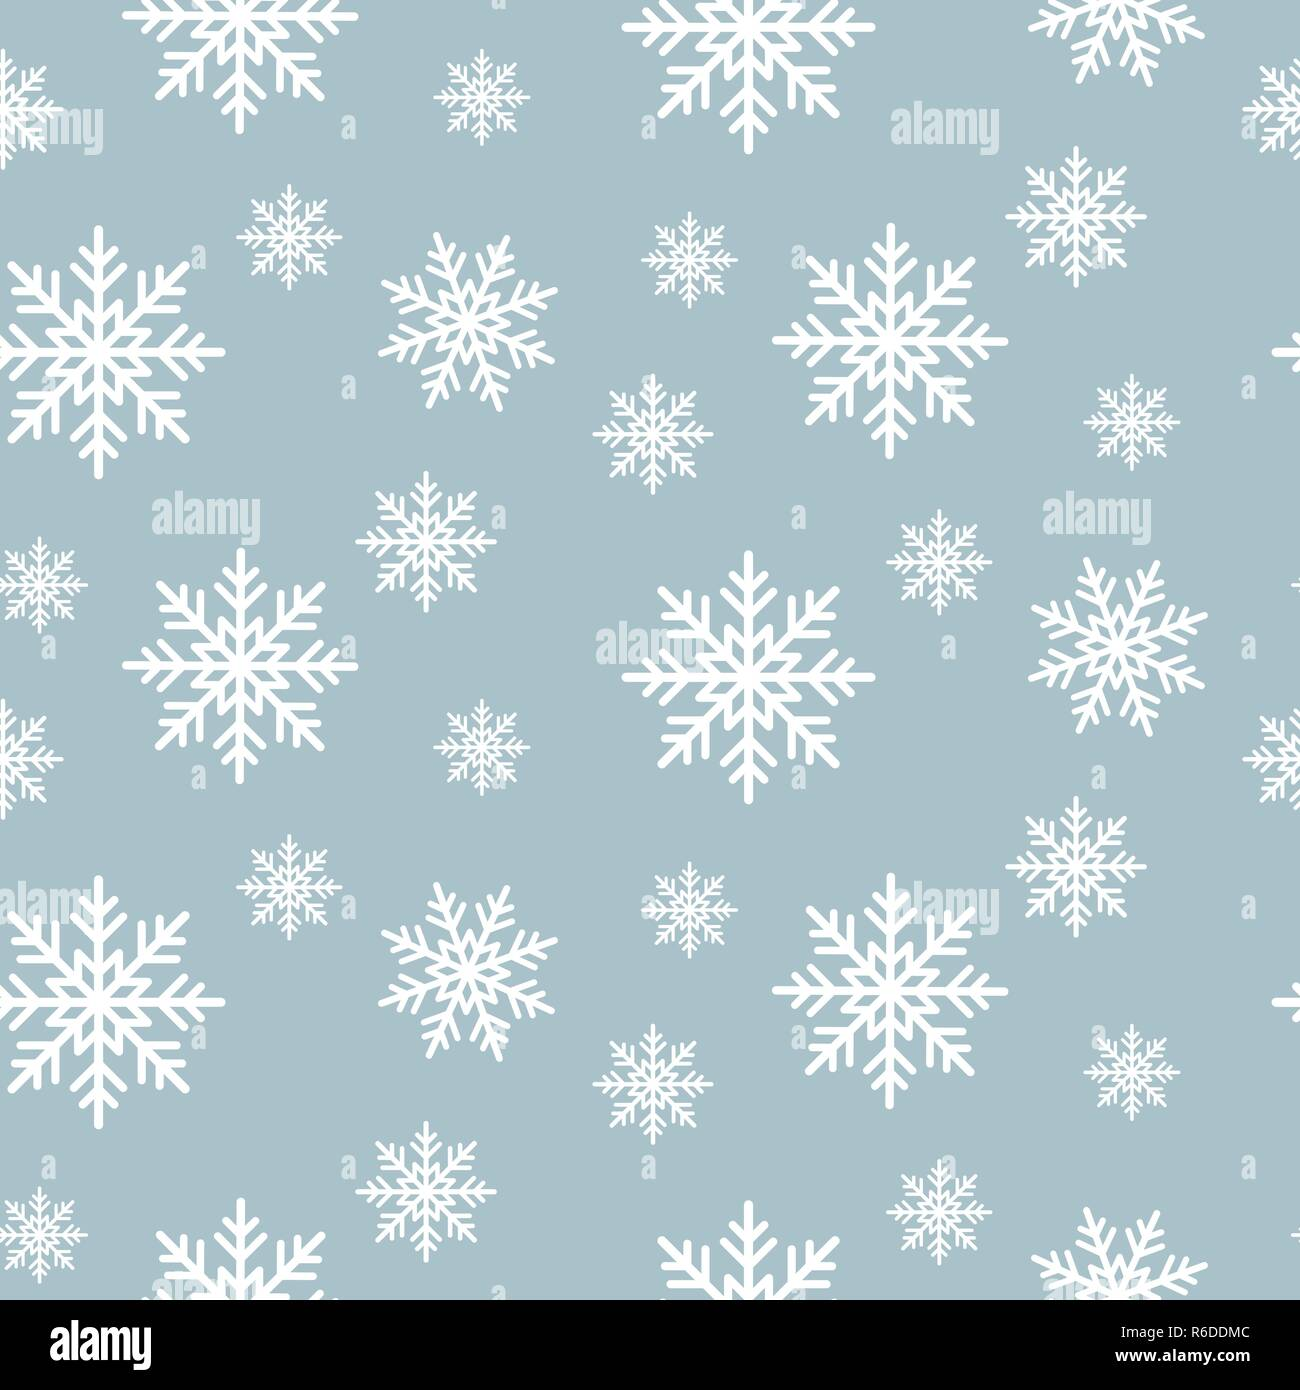 Schneeflocken Vorlage Zum Ausdrucken Pdf Kribbelbunt 6 13